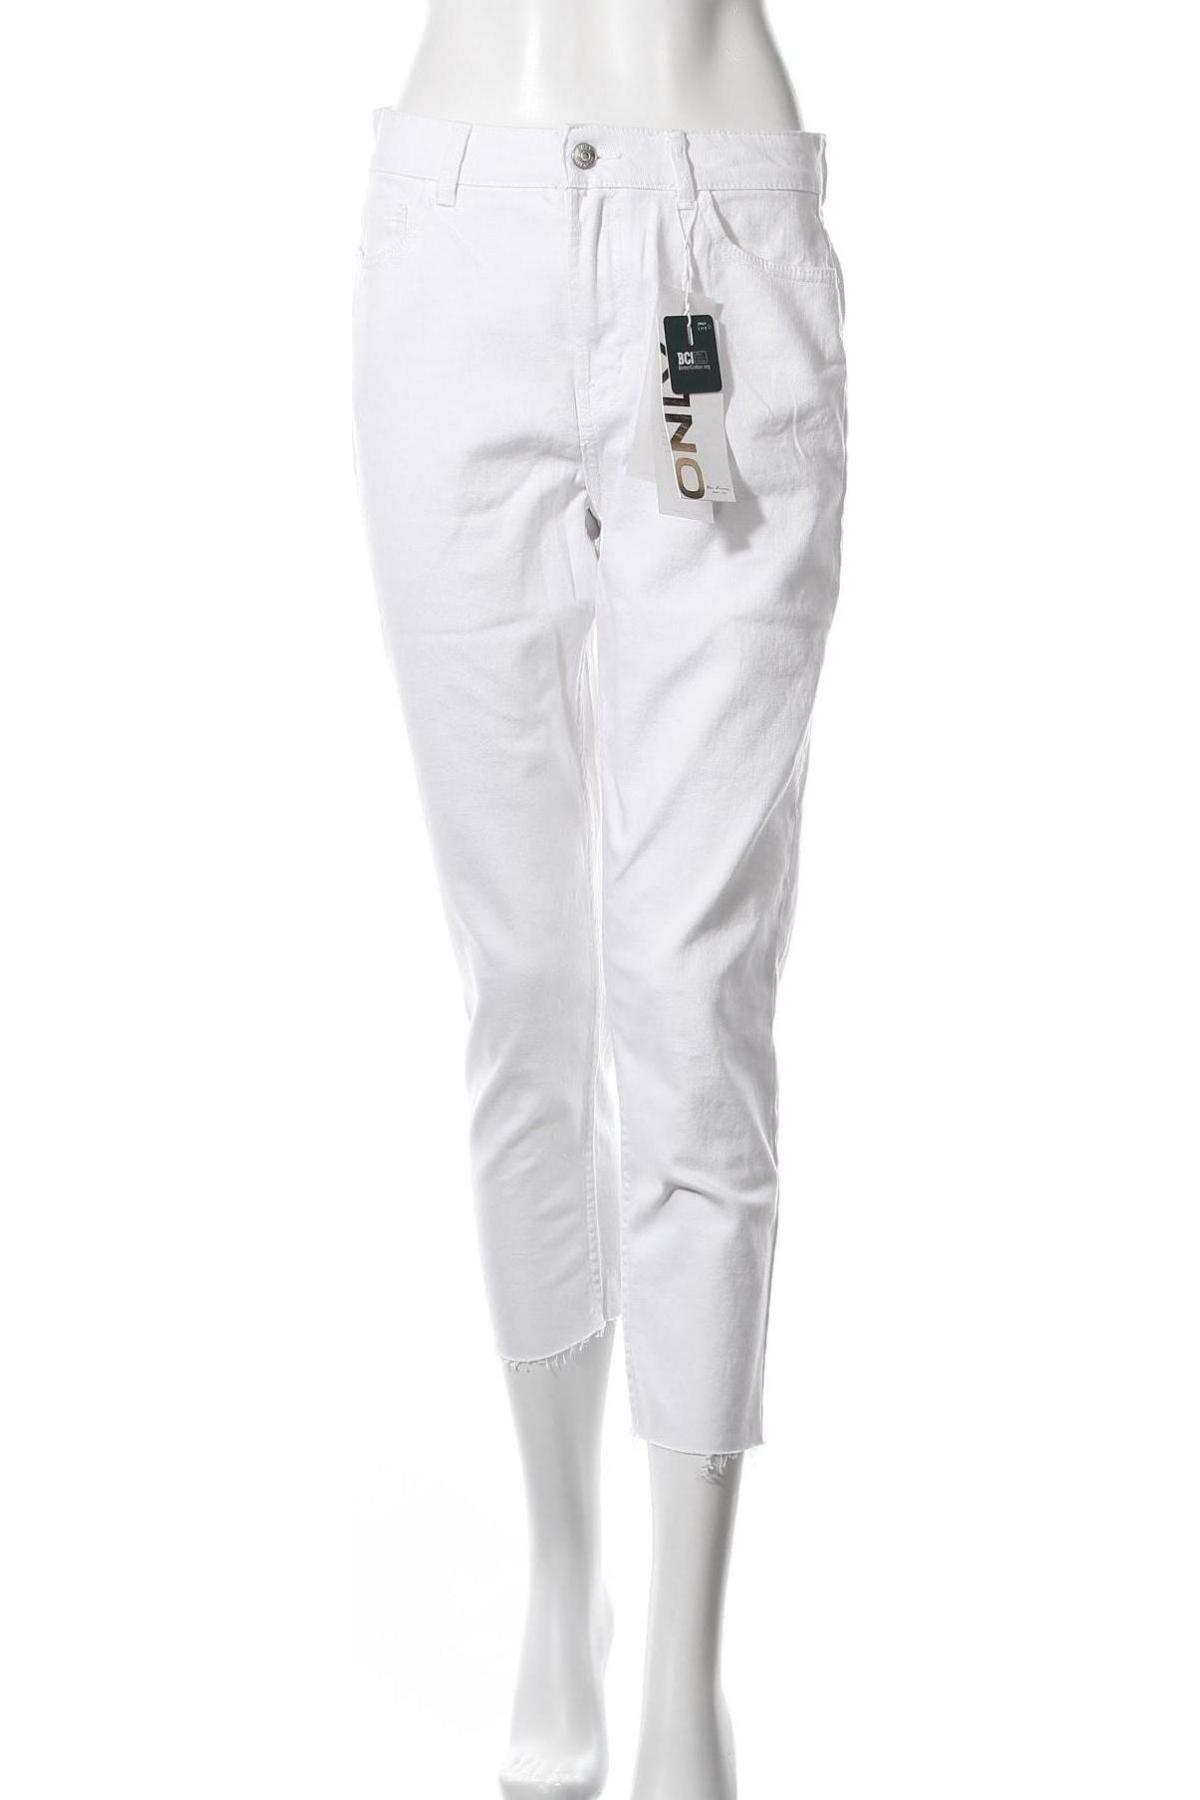 Дамски дънки ONLY, Размер M, Цвят Бял, 99% памук, 1% еластан, Цена 23,46лв.